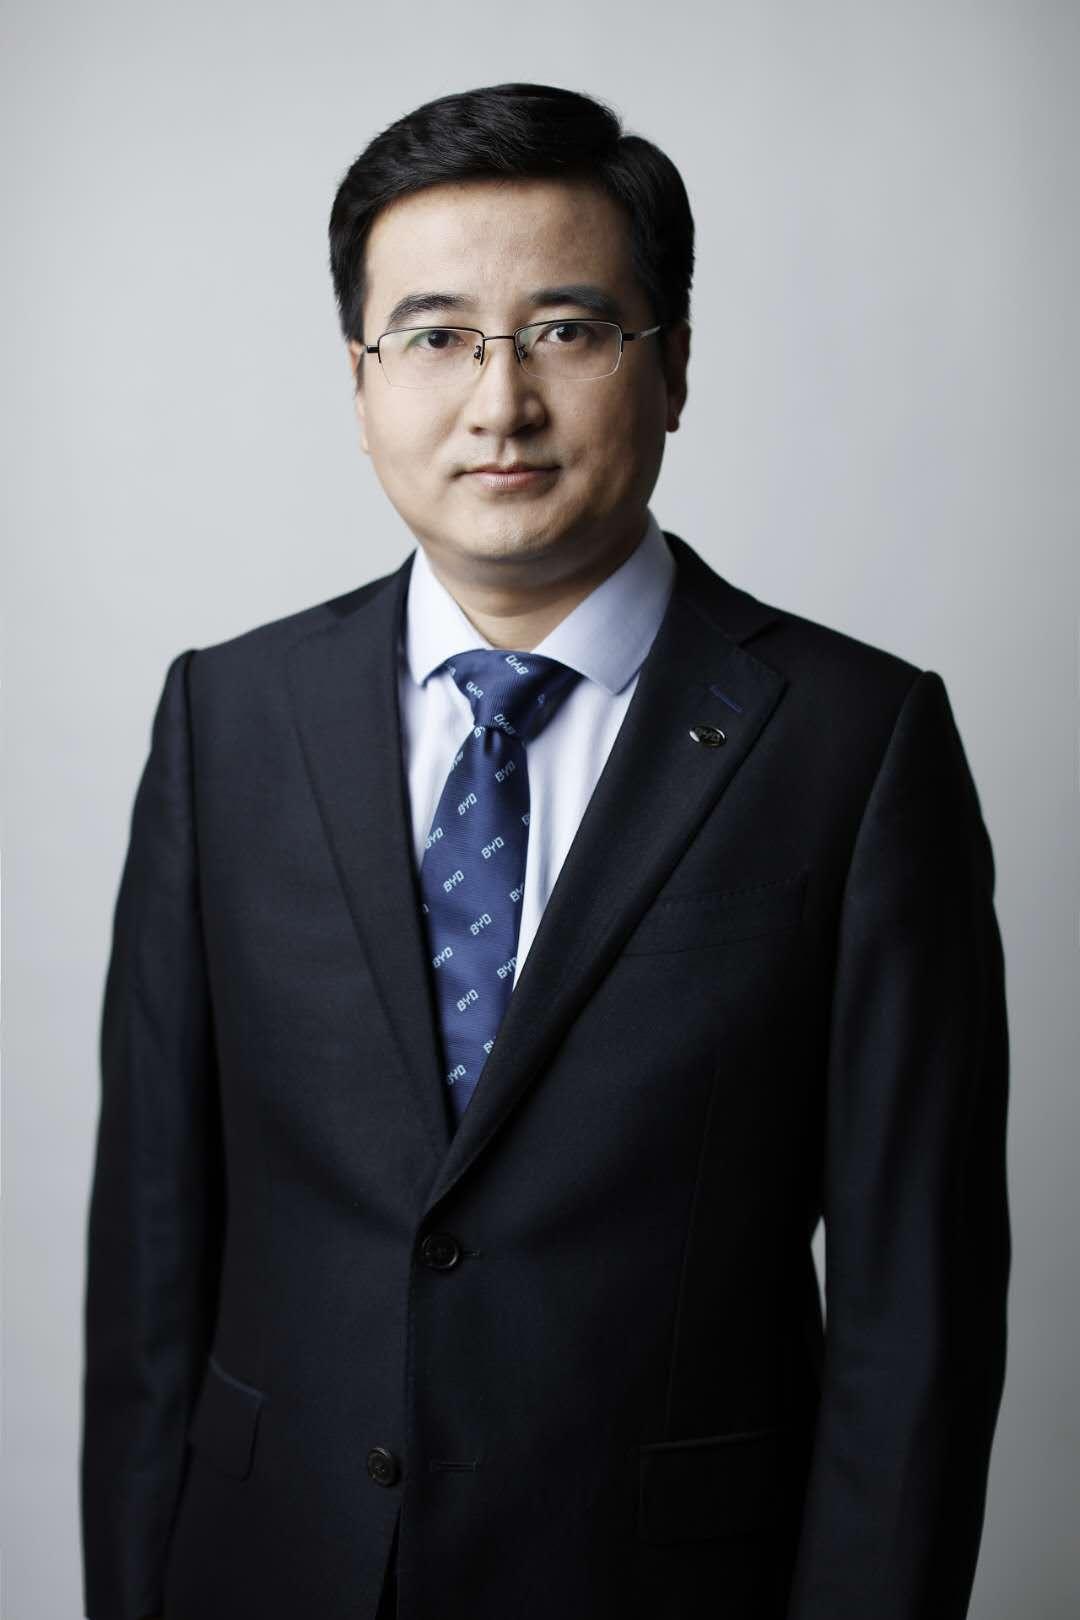 2020年中国电池行业首席品牌官:李云飞